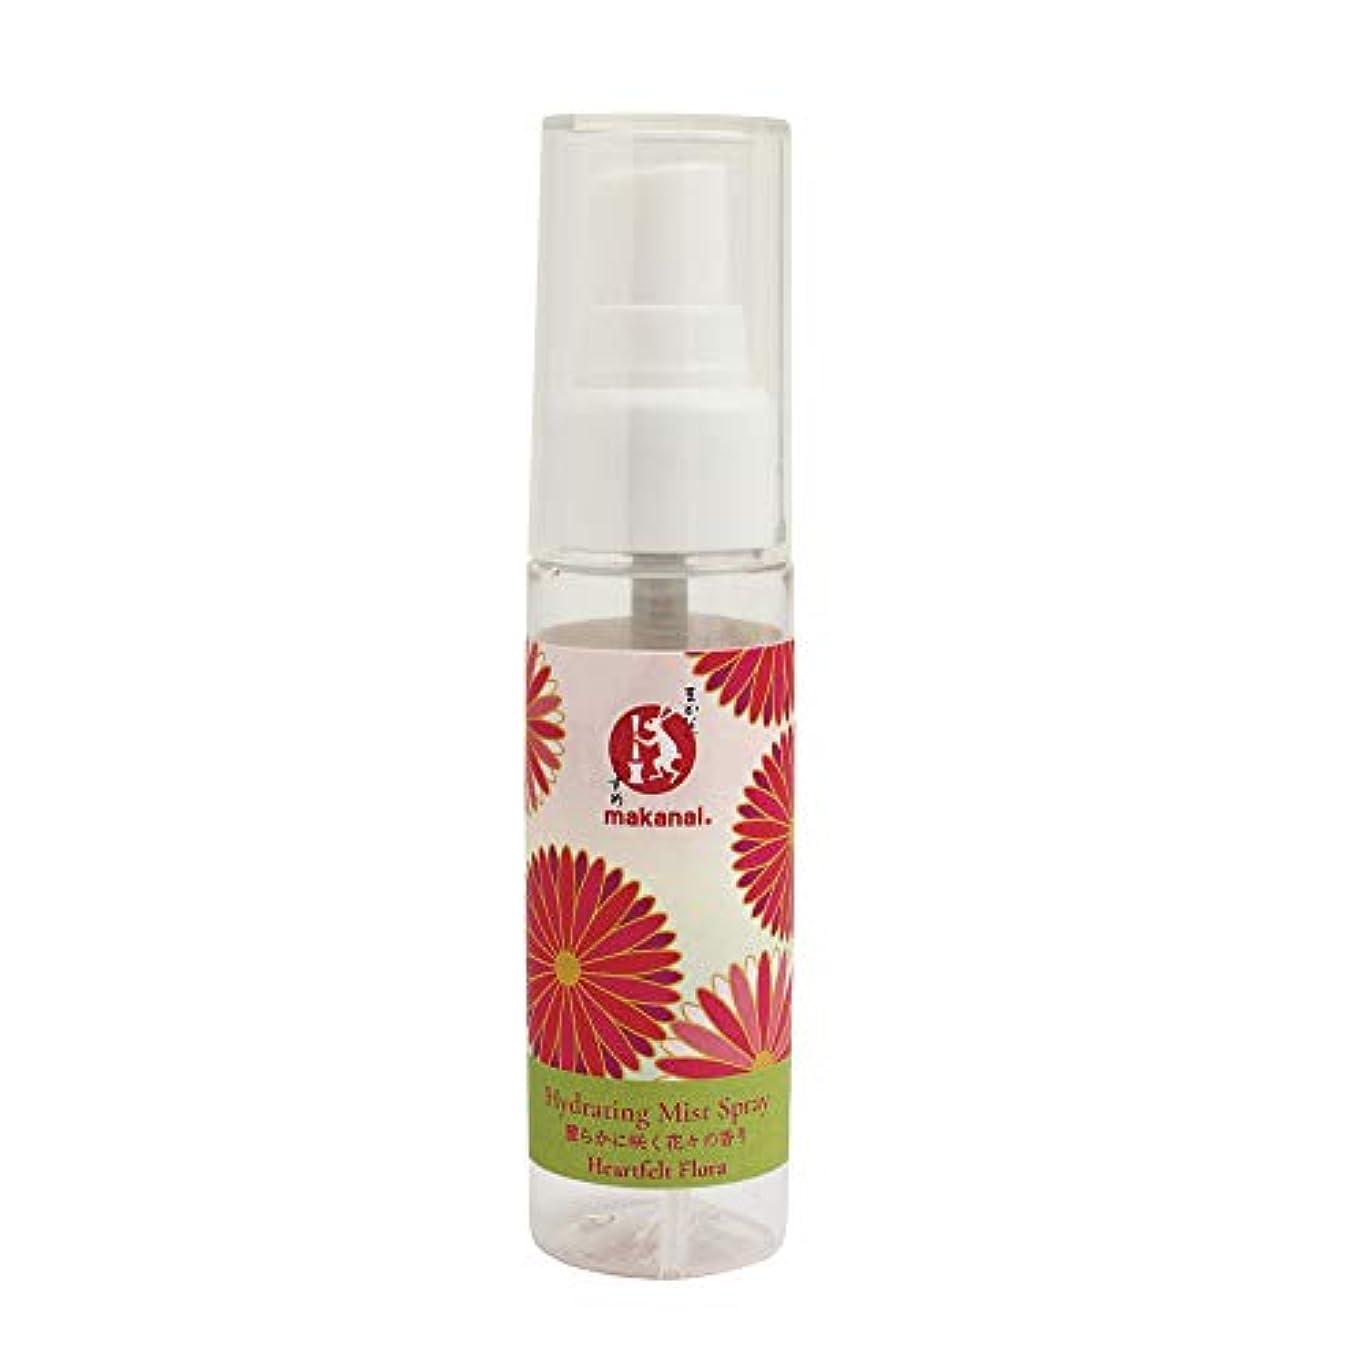 上流のオーストラリアピルまかないこすめ もっとうるおいたい日の保湿スプレー(麗らかに咲く花々の香り) 50ml 化粧水